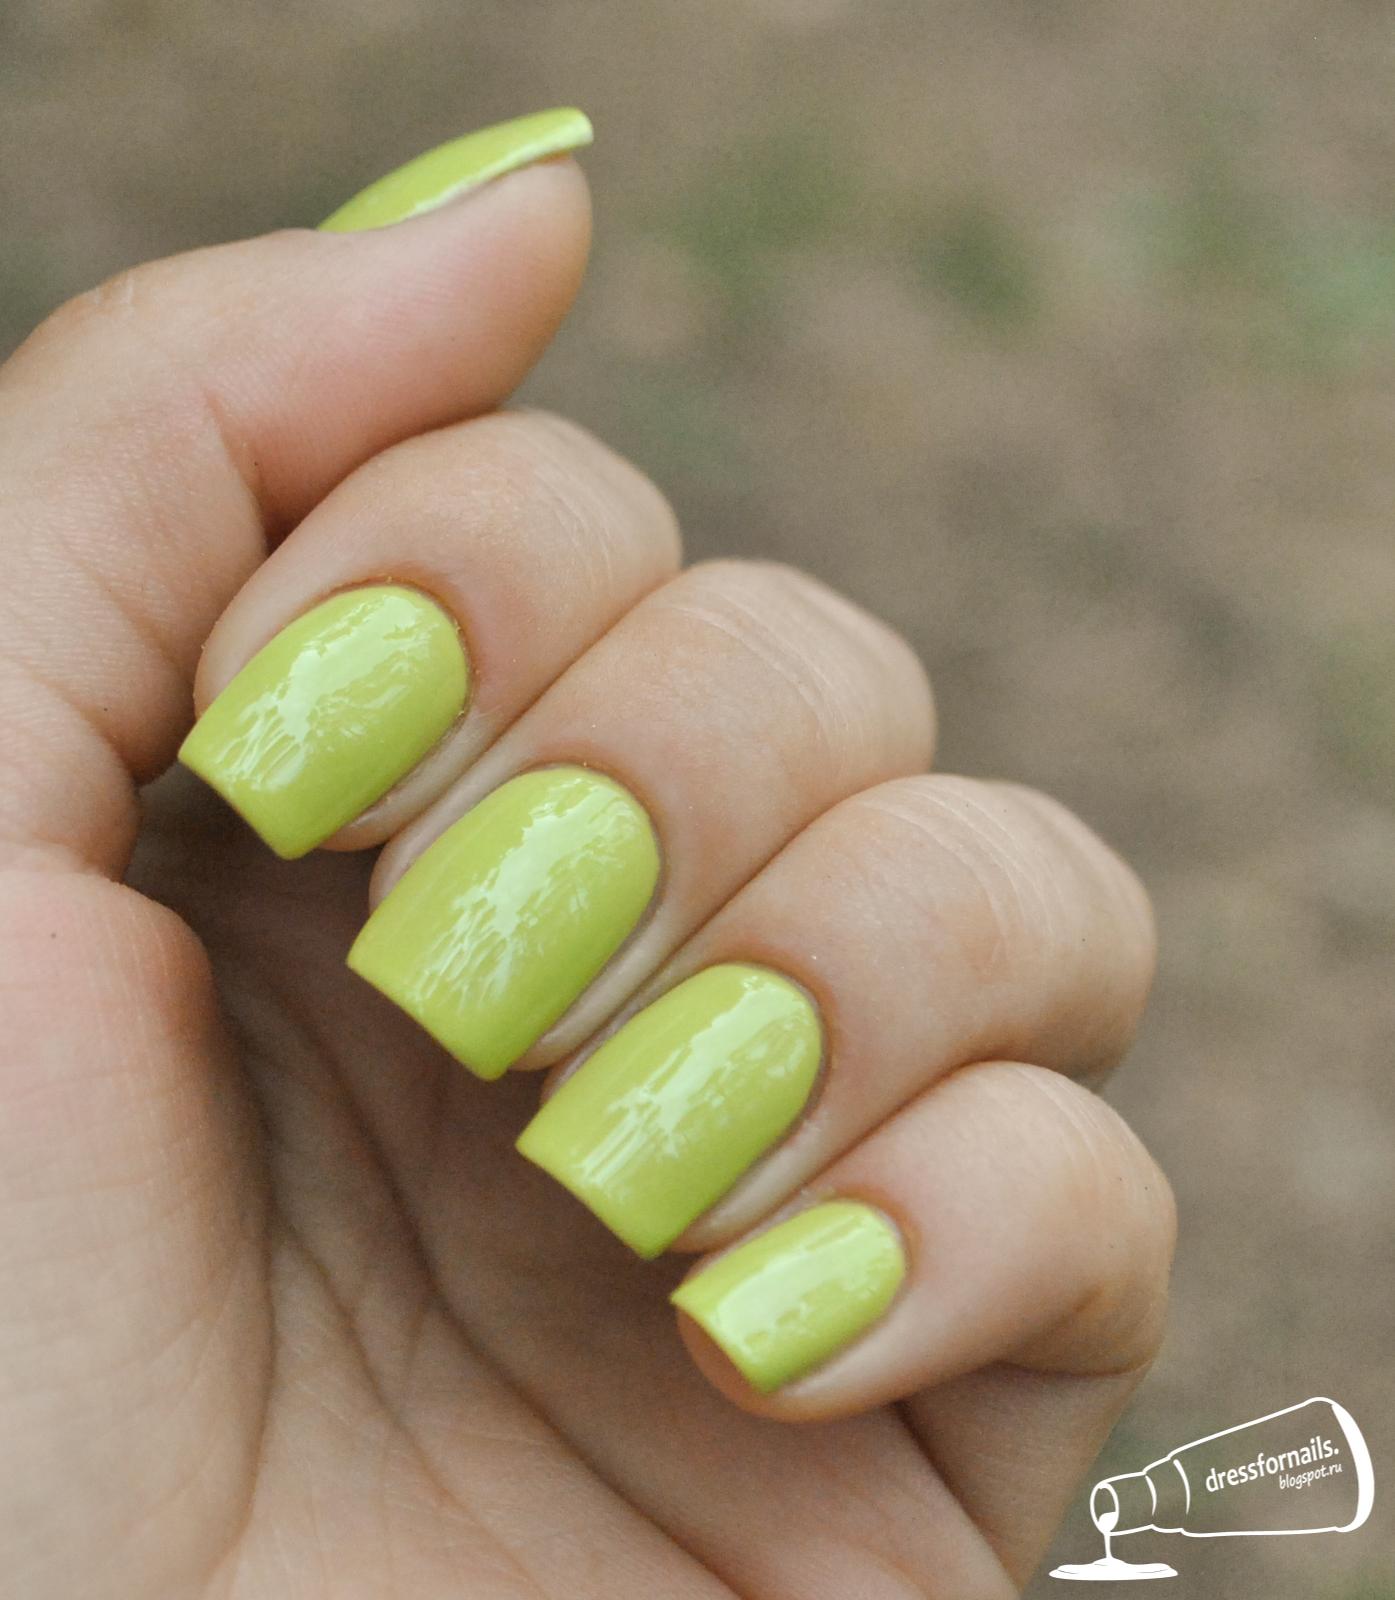 Нарощенные ногти в салатовом цвете фото